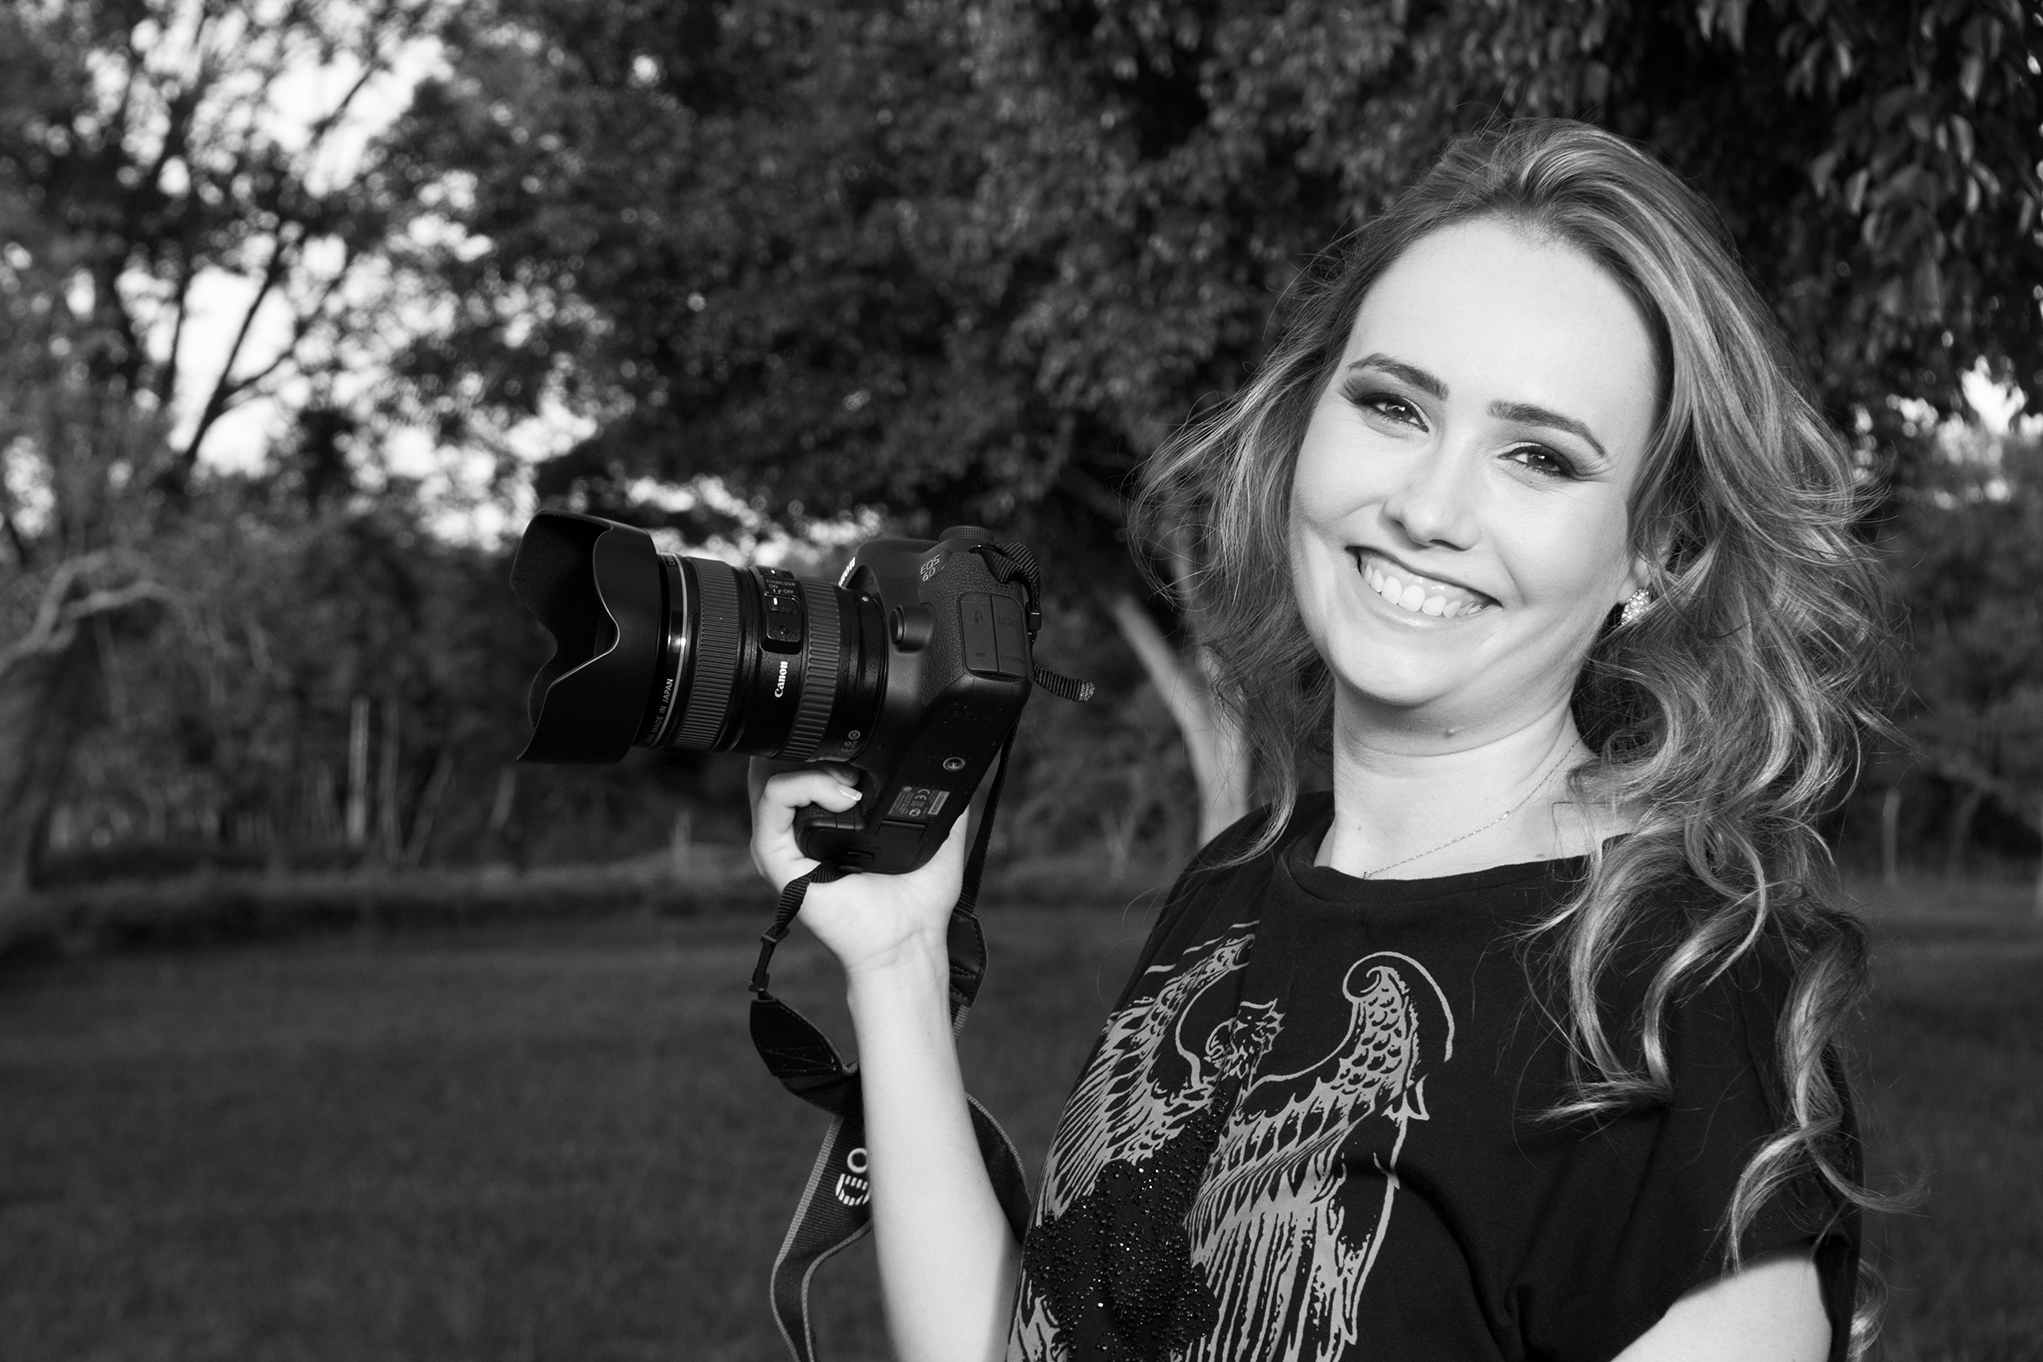 Contate Fotógrafos de casamento e família Danielle Bazzanella de Foz do Iguaçu-PR para o mundo